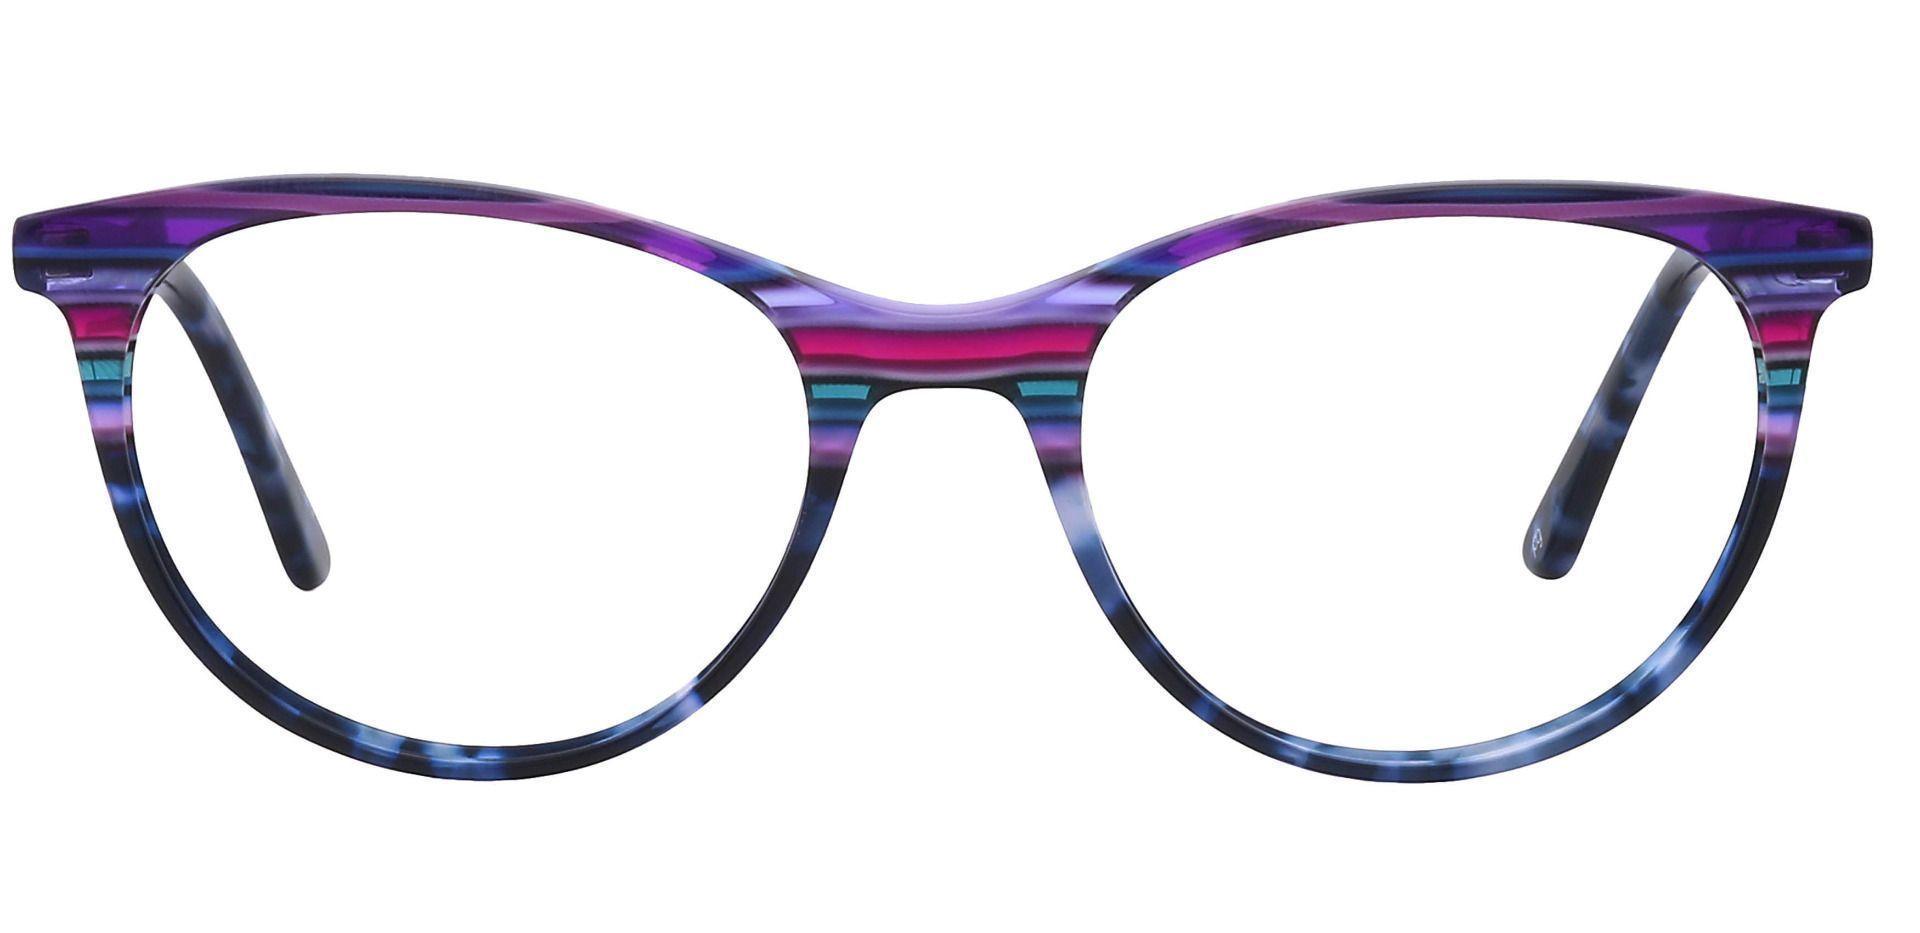 Patagonia Oval Prescription Glasses - Purple